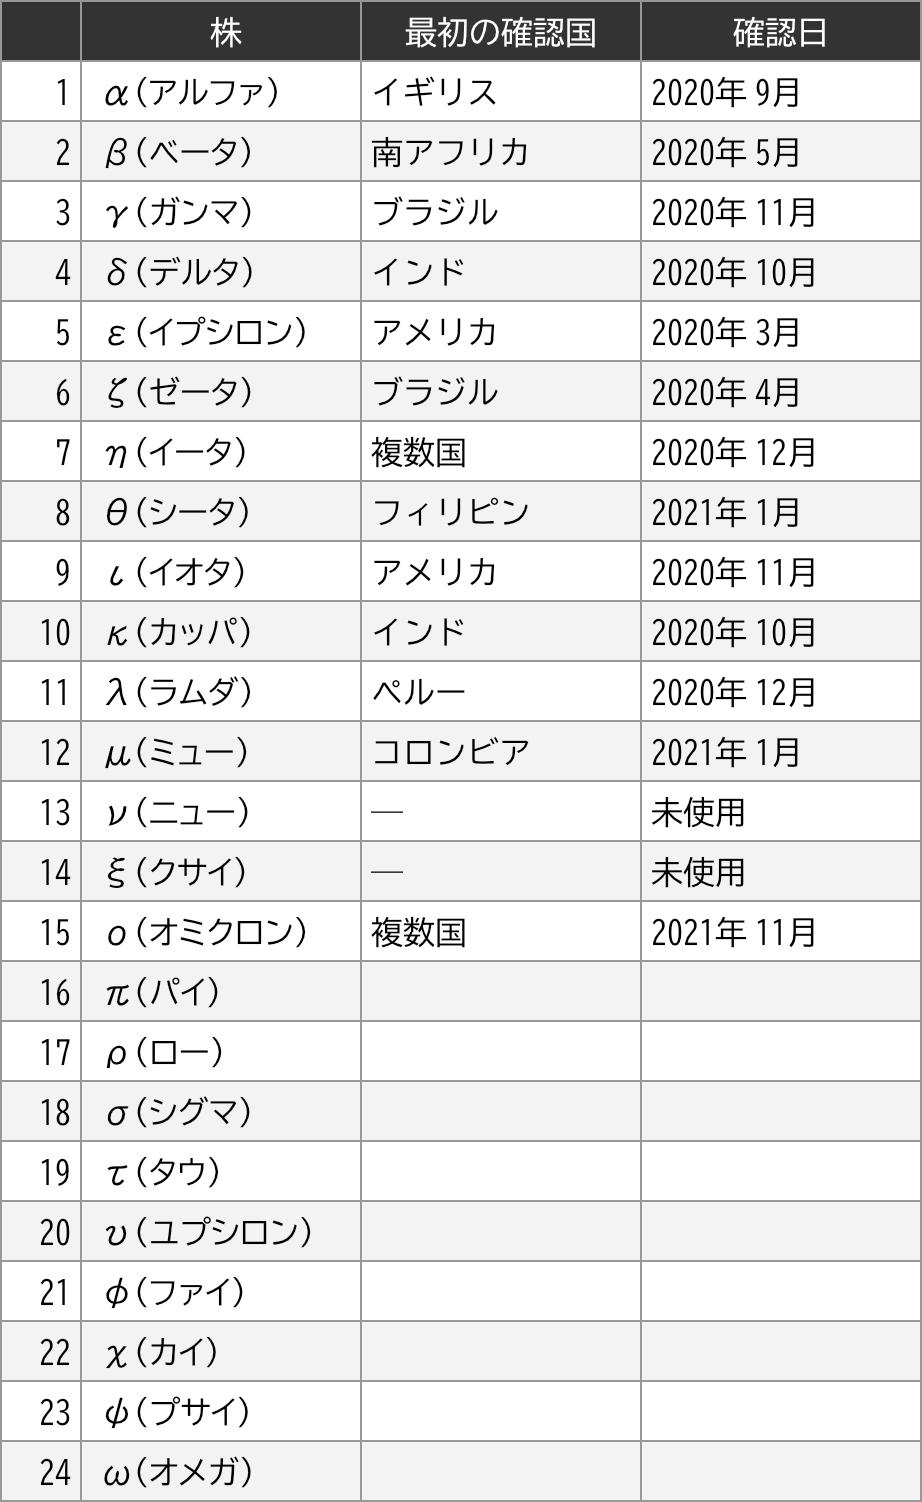 コロナウィルス 変異株 一覧表